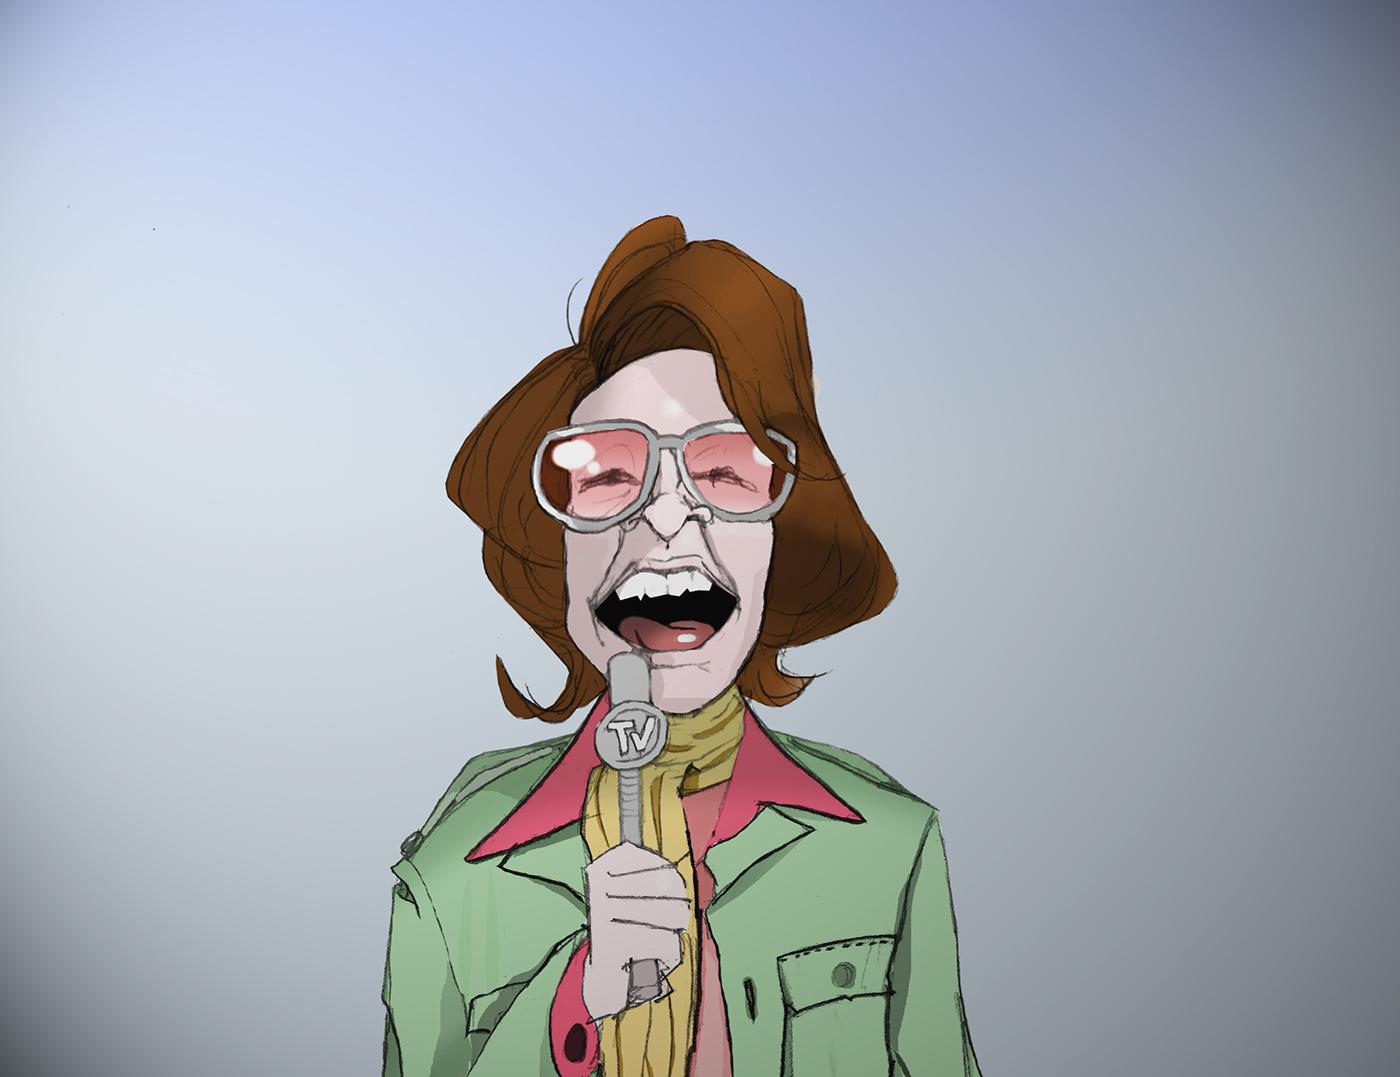 Adobe Portfolio art artist artwork ILLUSTRATION  Drawing  Character cartoon funny digitalart